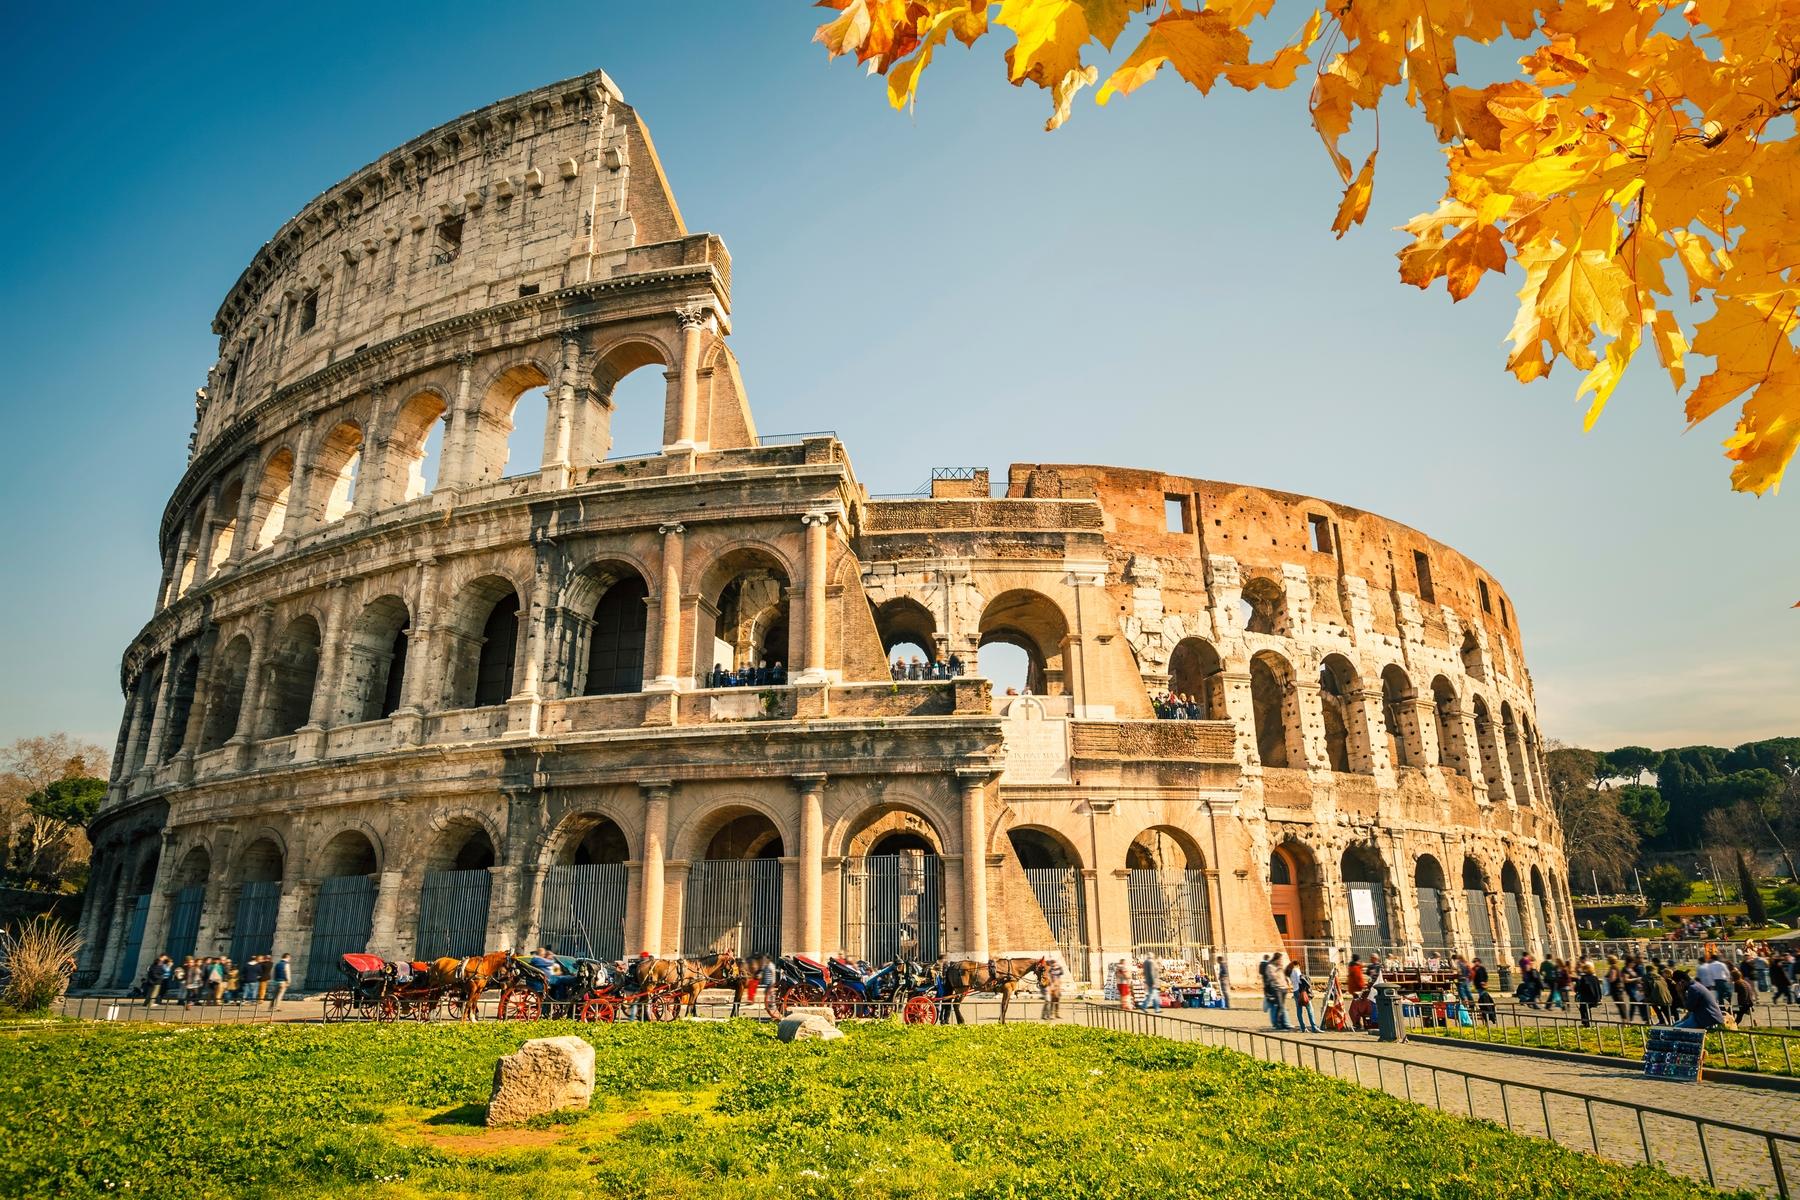 Visitar la capital, Roma, puede ser un plan perfecto si se quiere viajar a Italia